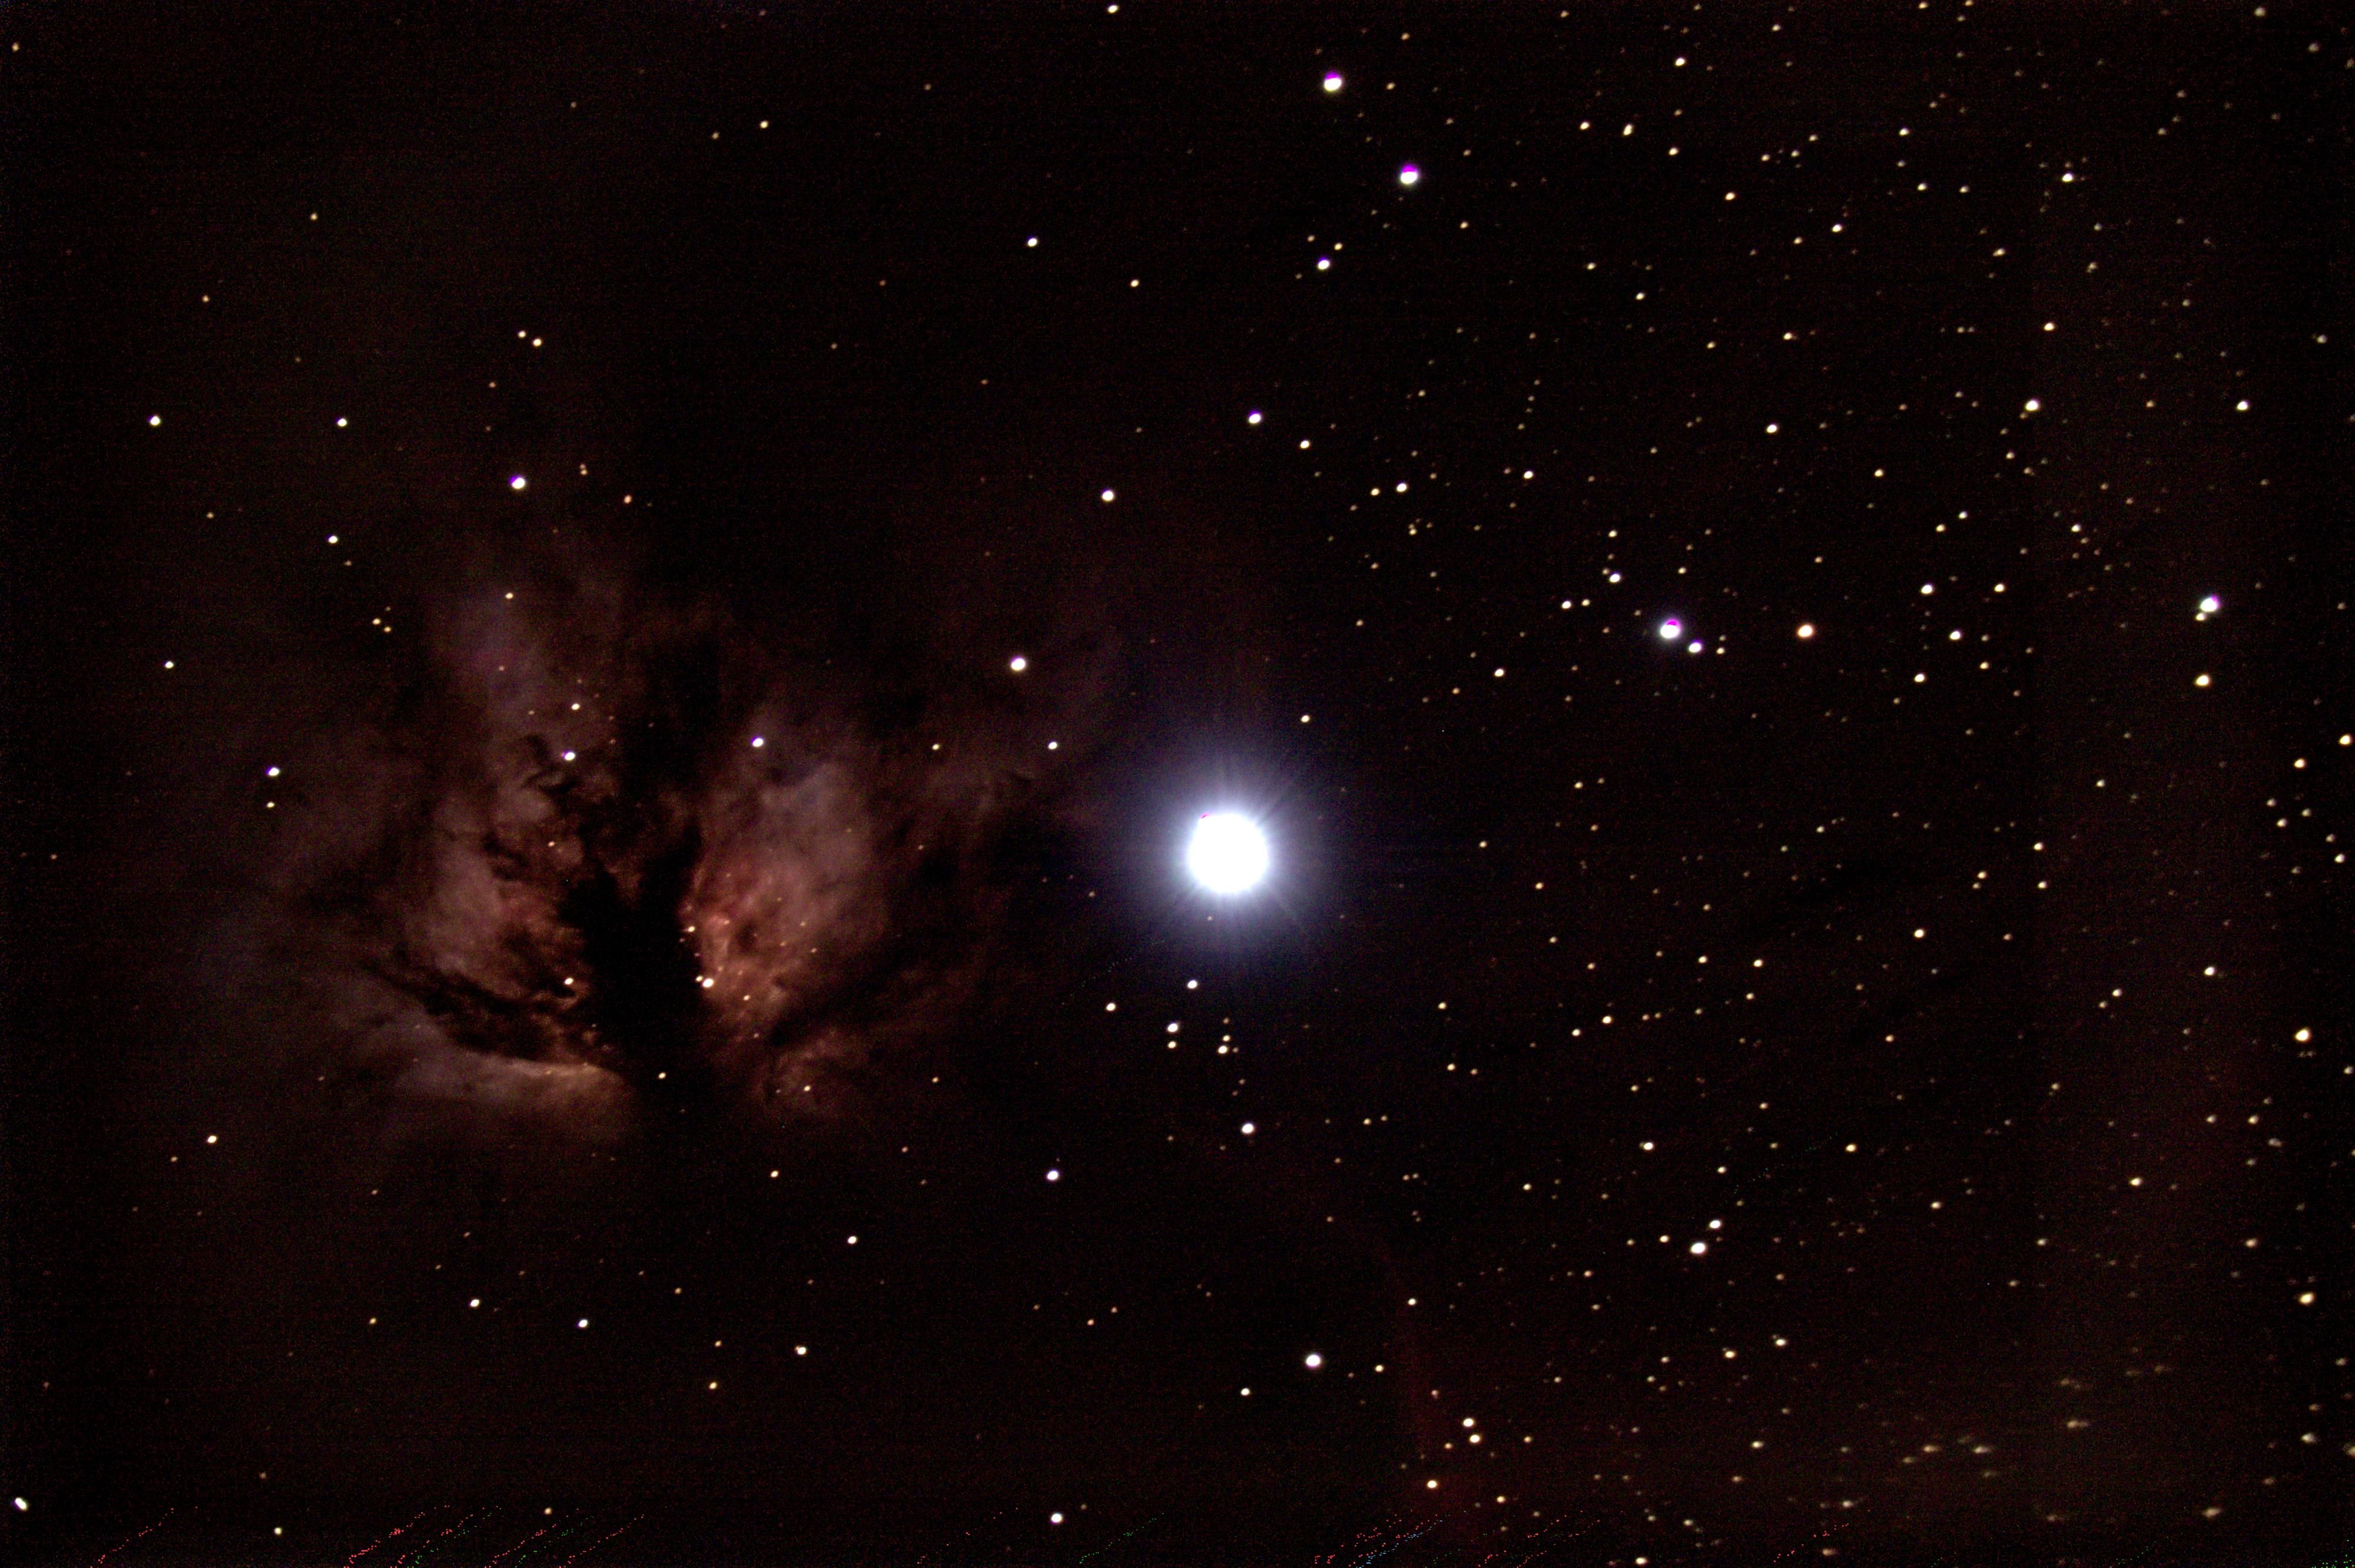 Nébuleuse de la flamme - NGC2024